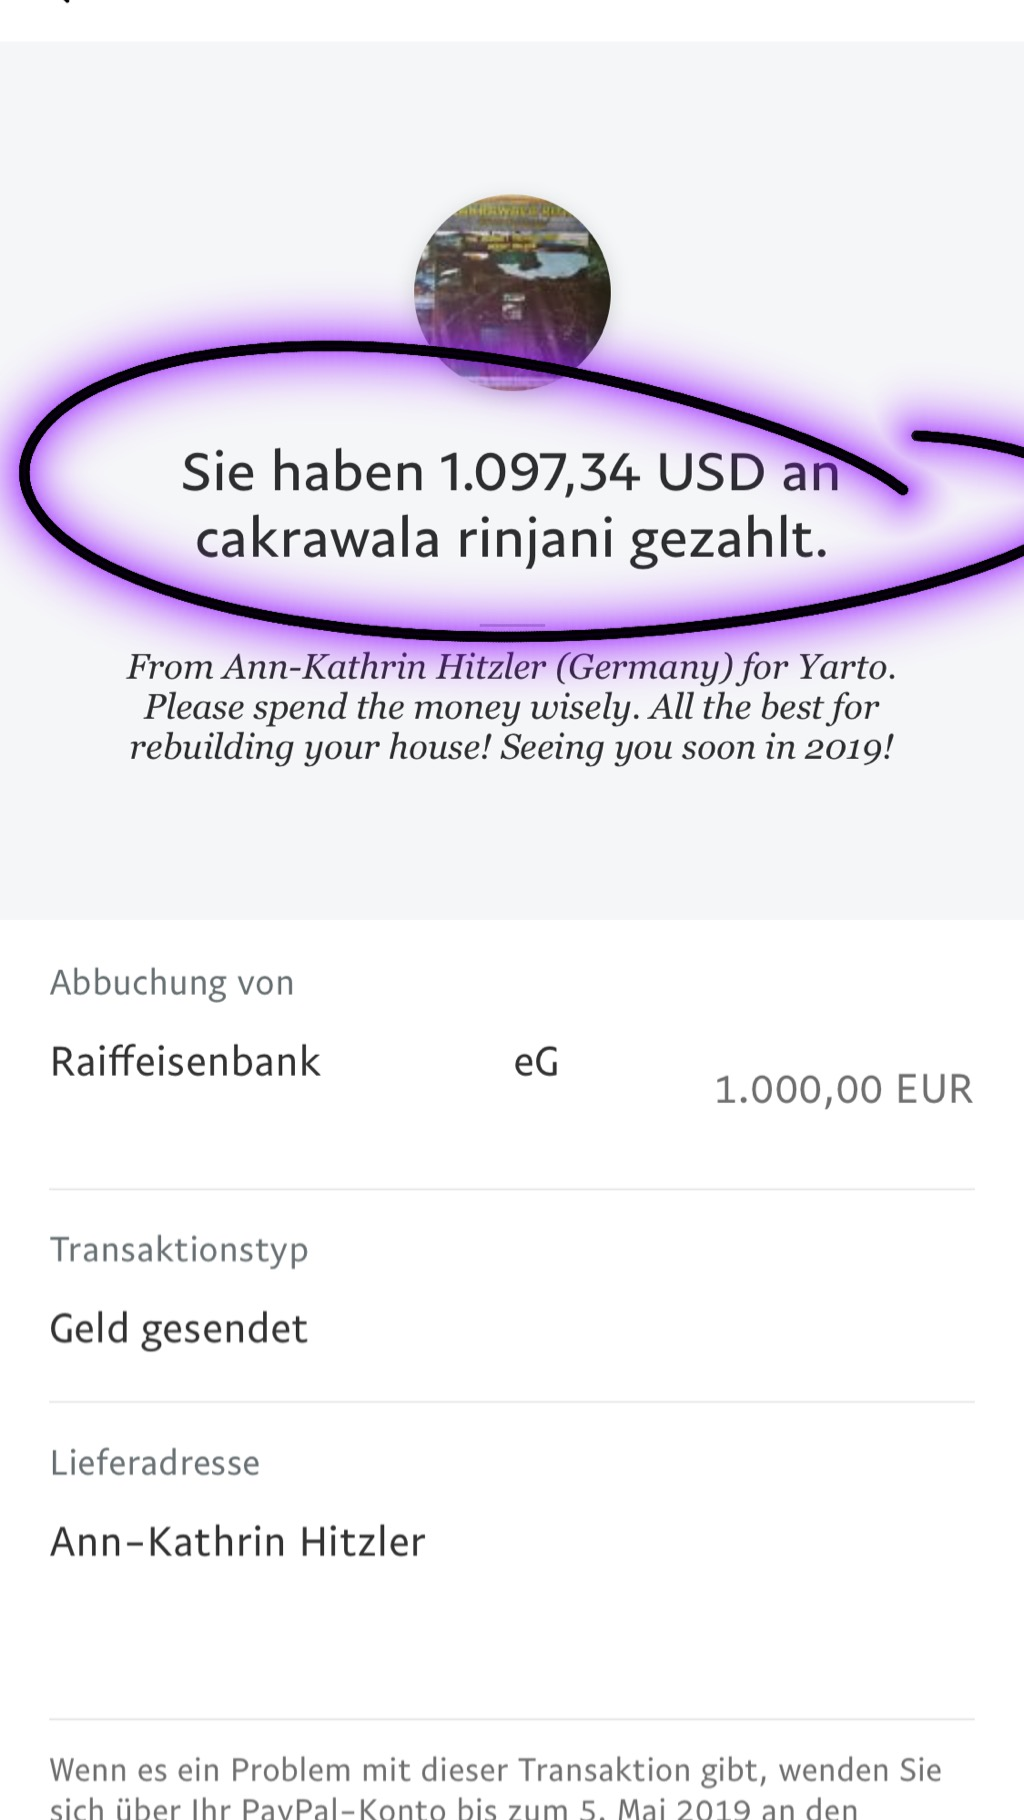 PayPal Lombok Ann-Kathrin Hitzler Fundraising